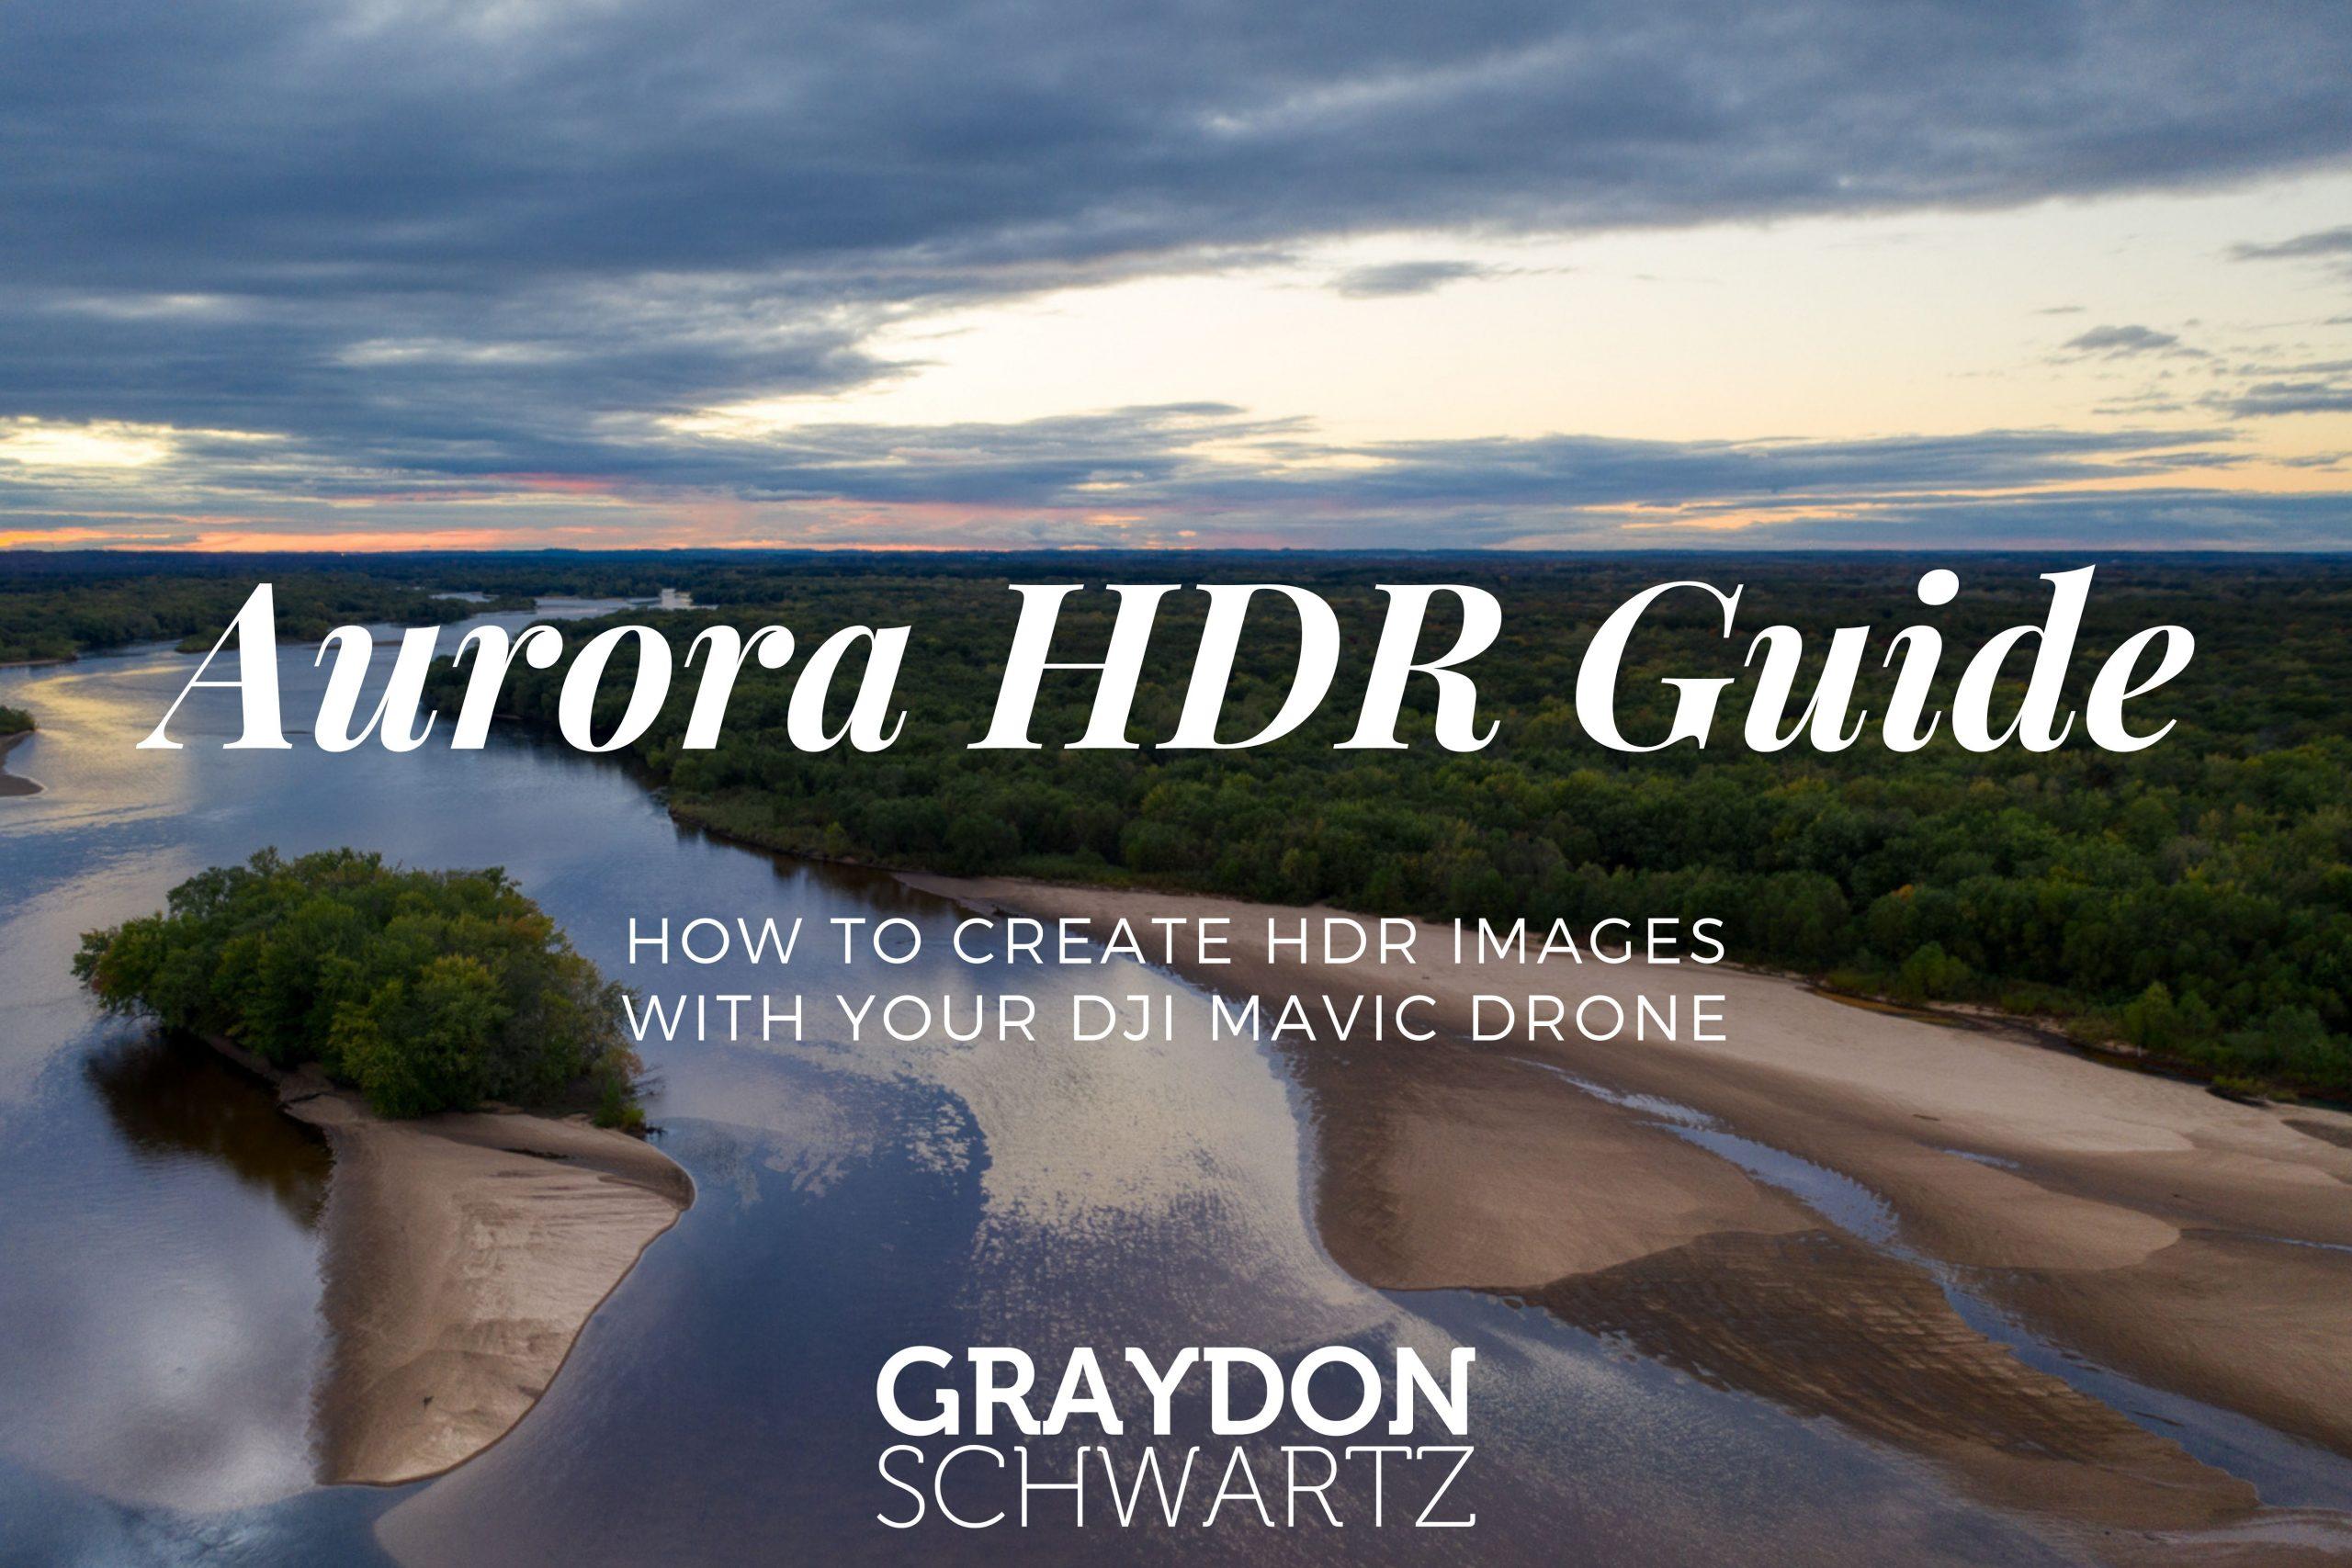 Cómo crear imágenes HDR con tu dron DJI Mavic